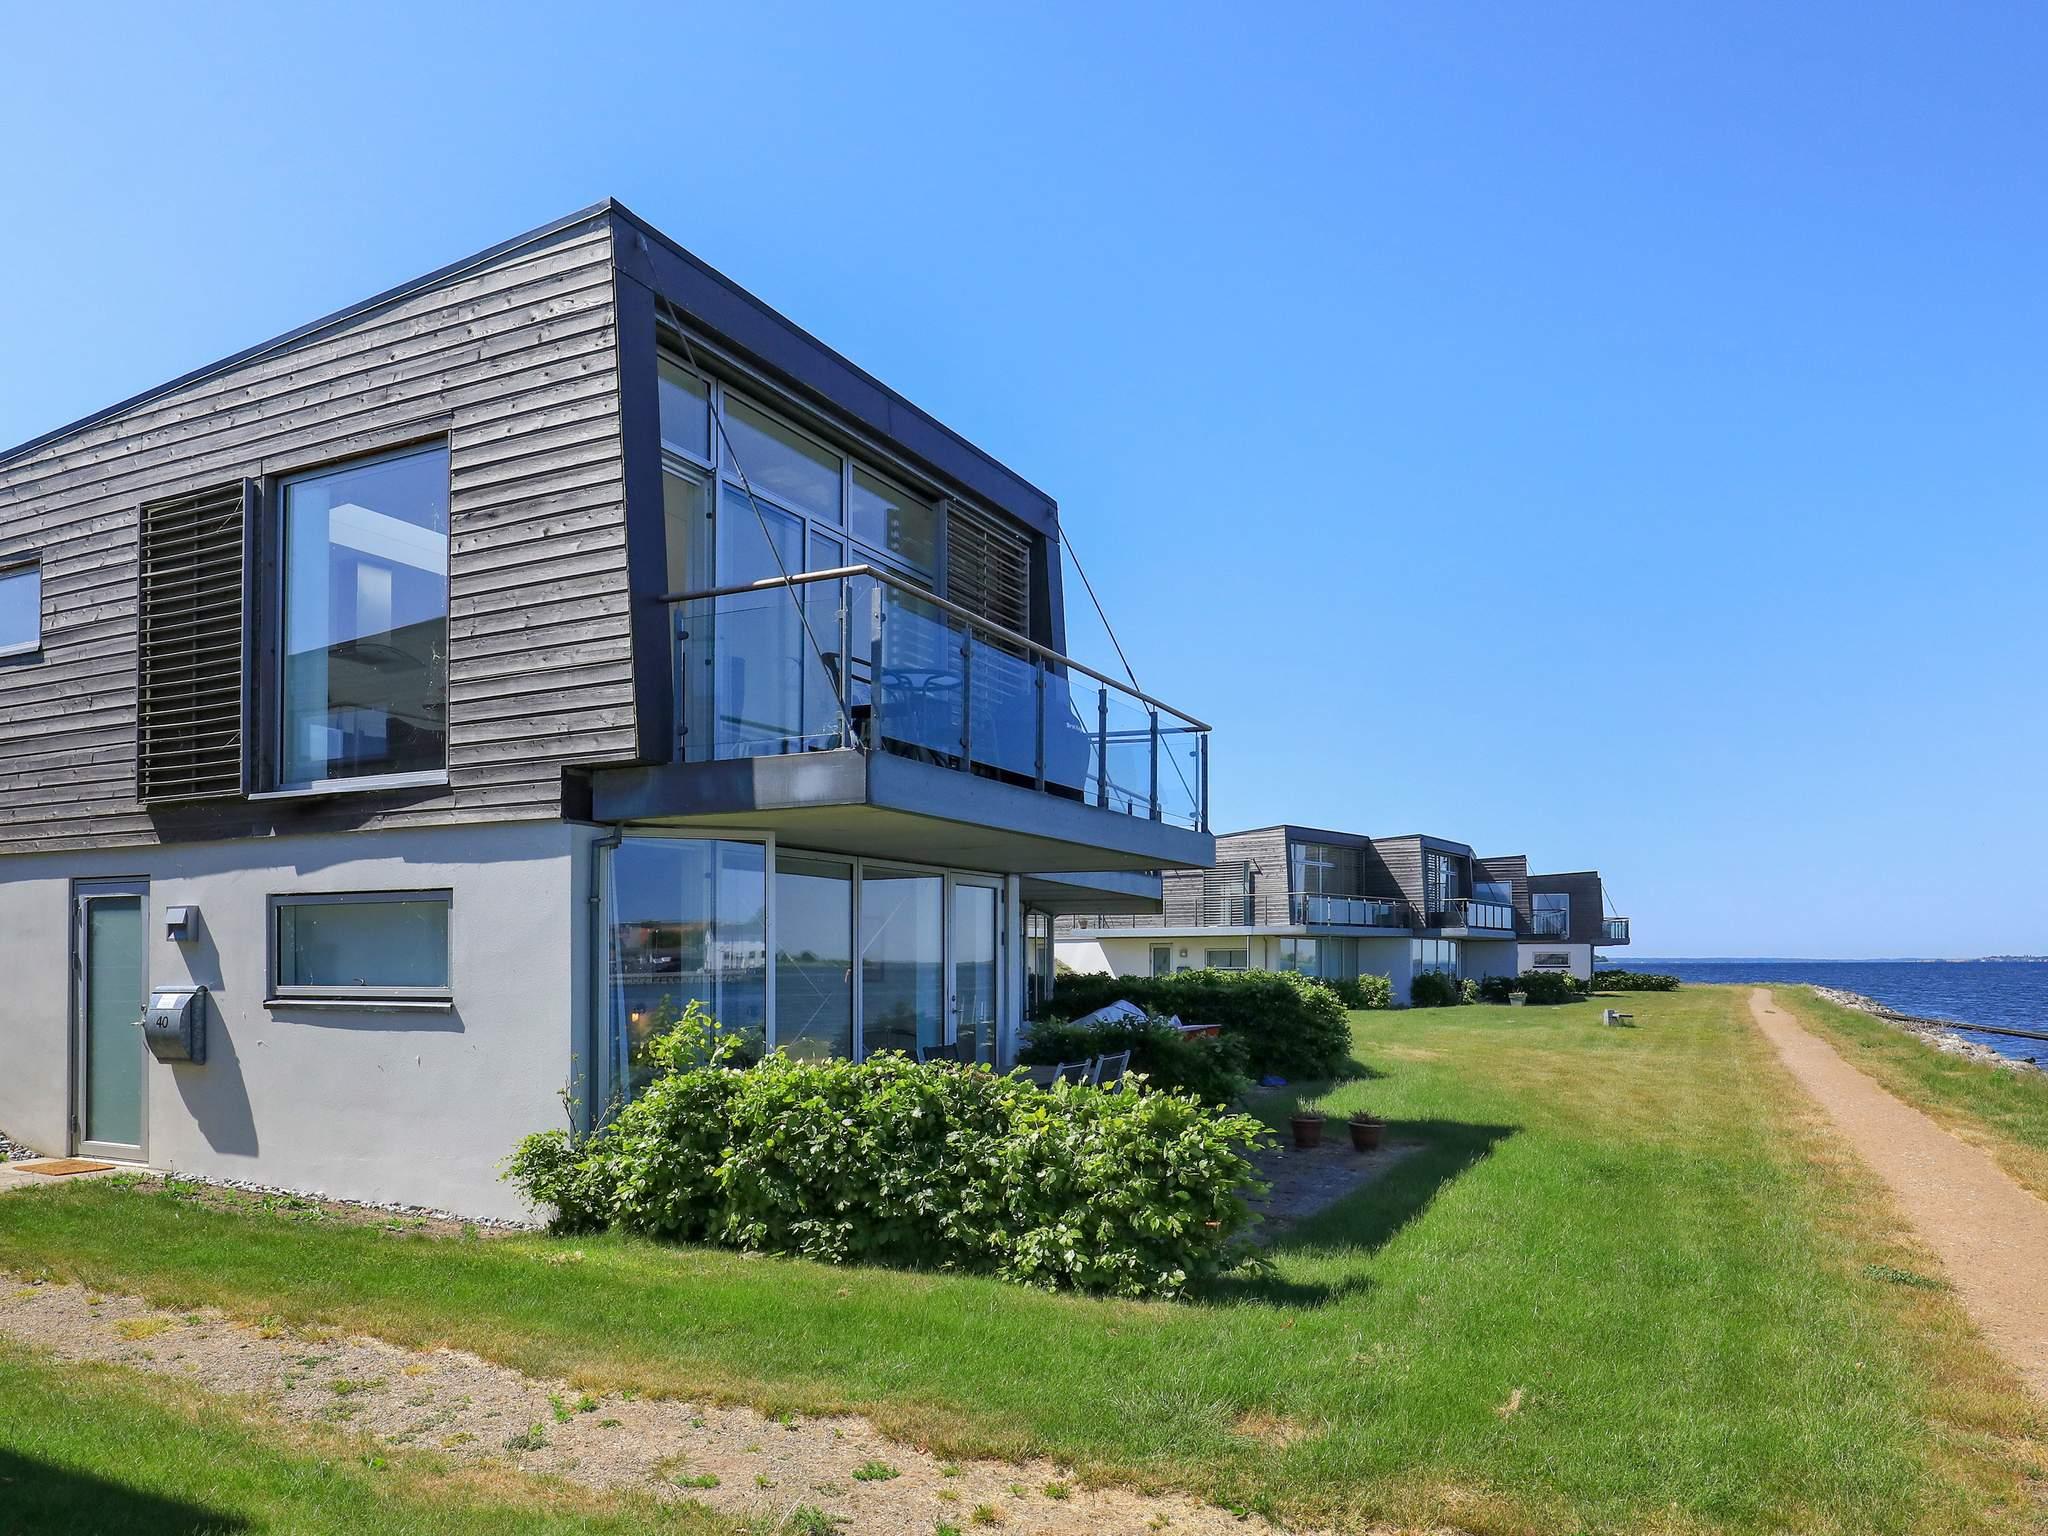 Ferienhaus Stege (264060), Stege, , Møn, Dänemark, Bild 1